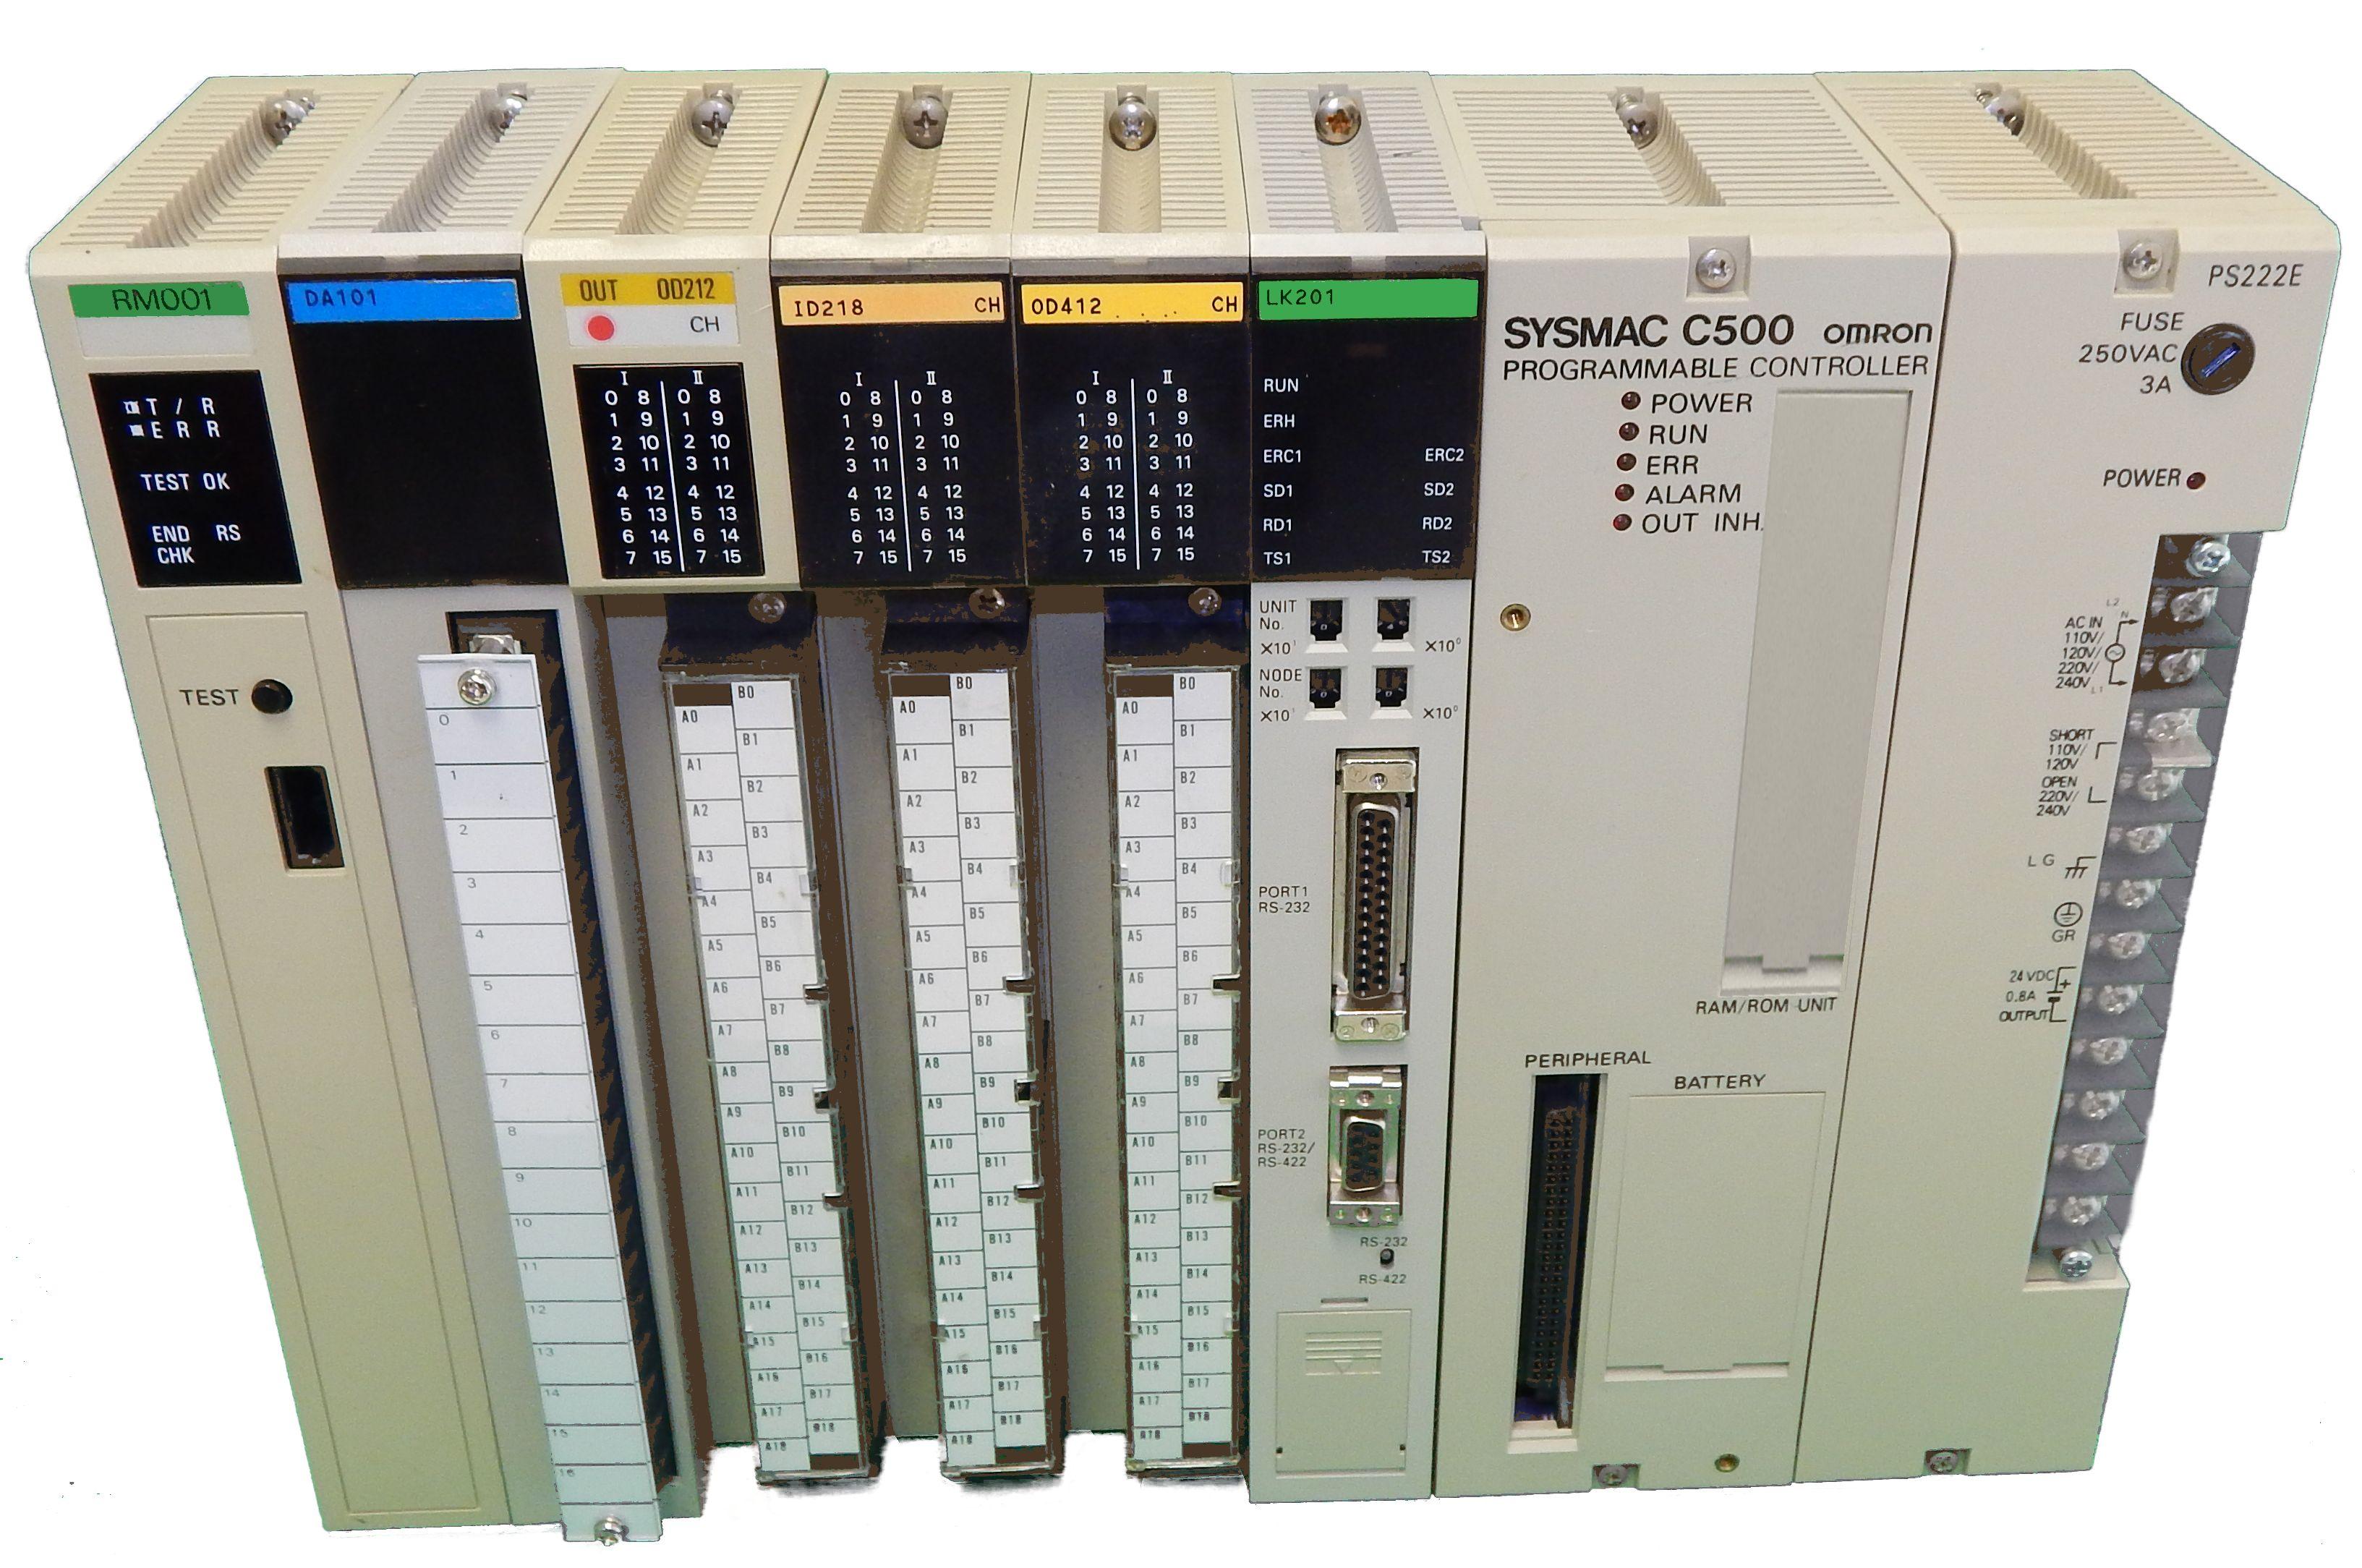 3G2A5-SP002